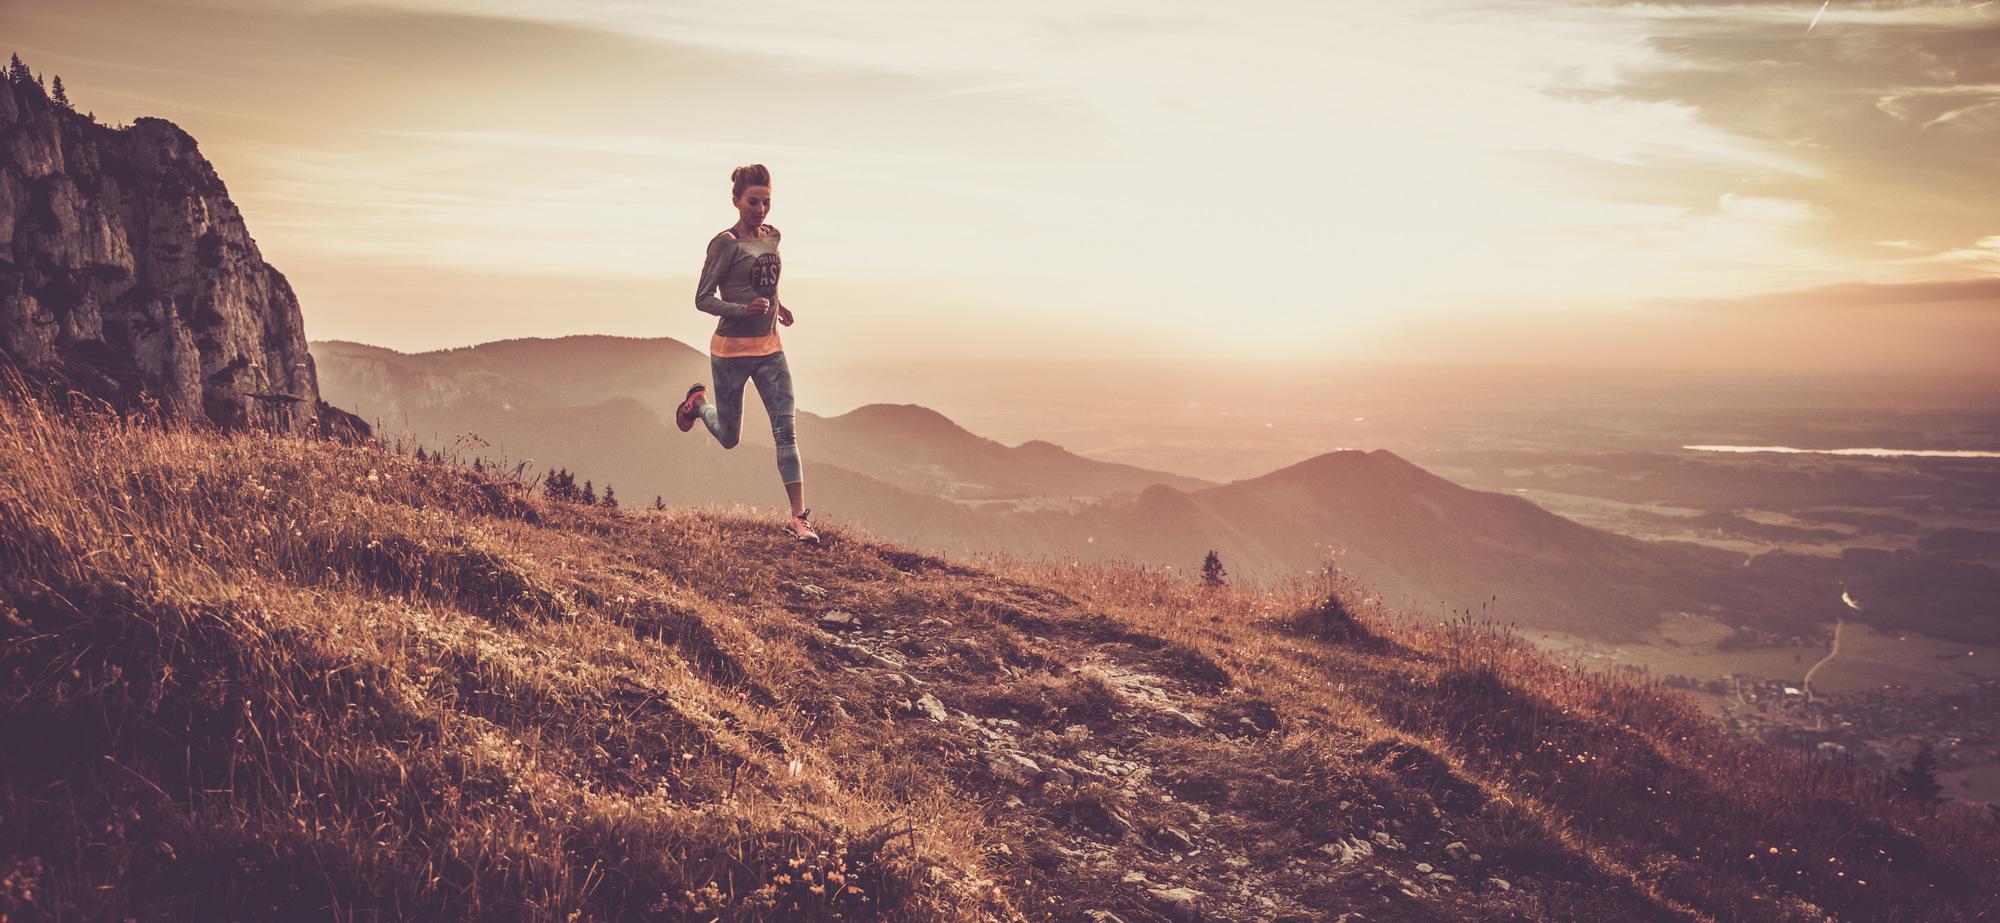 Der Antrieb zum Laufen muss nicht immer Leistung sein. Copyright Oliver Farys.